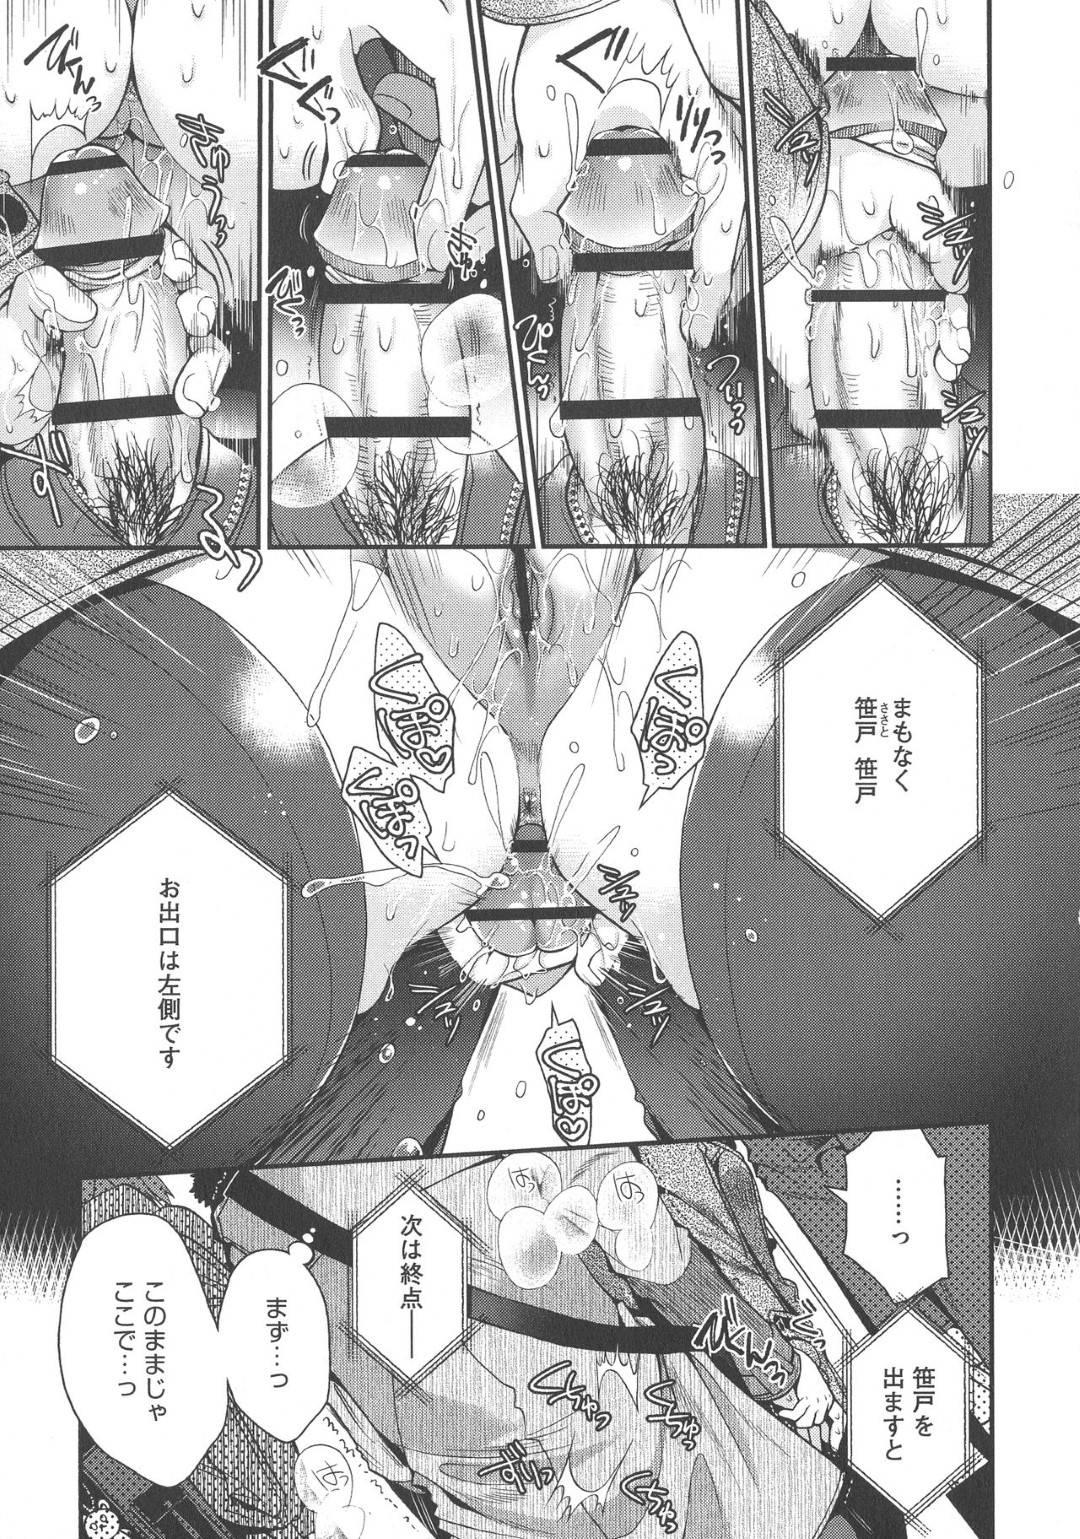 【変態JKエロ漫画】ストレス発散をするために女子高生に痴漢した中年男は駅のトイレに連行され変態プレイを邪魔した責任を取れと女子高生に逆レイプされる【いづみやおとは】